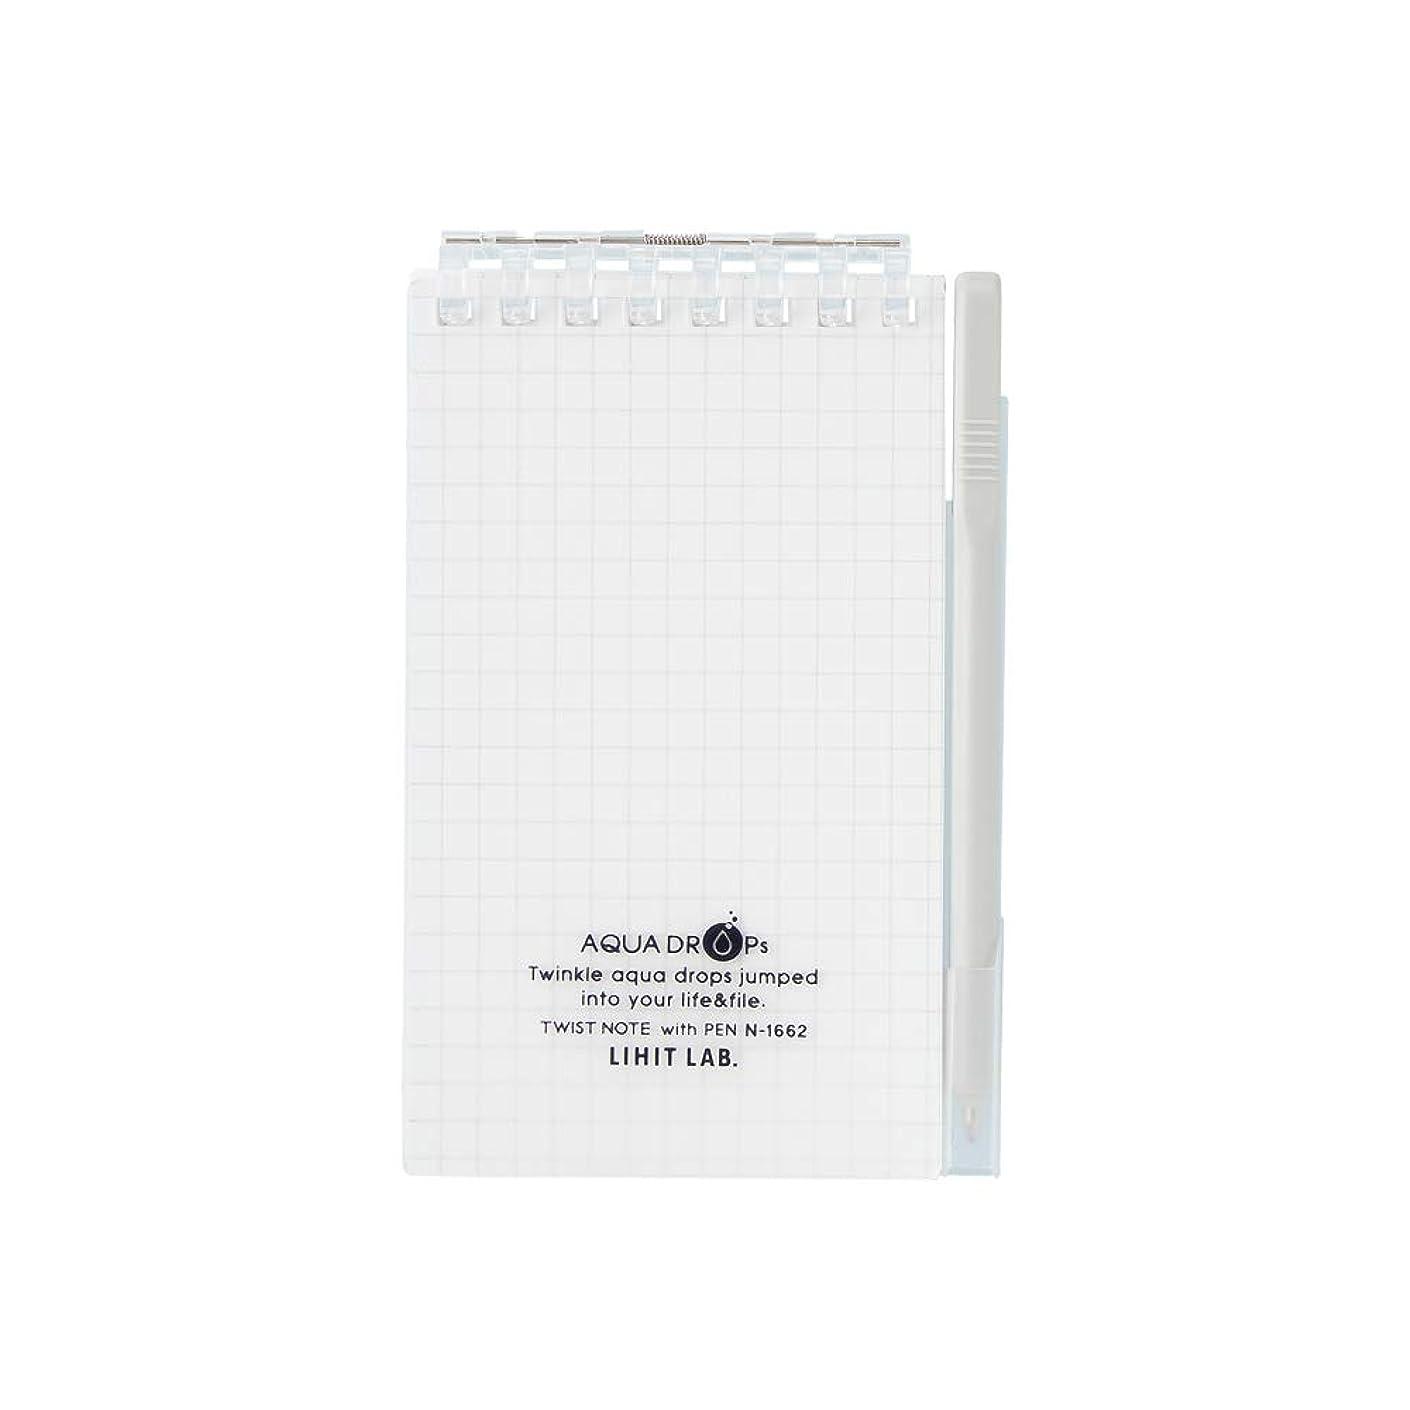 リヒトラブ ツイストノート withペン 専用ペン付きメモ メモサイズ 乳白 N-1662-1 【まとめ買い10冊セット】